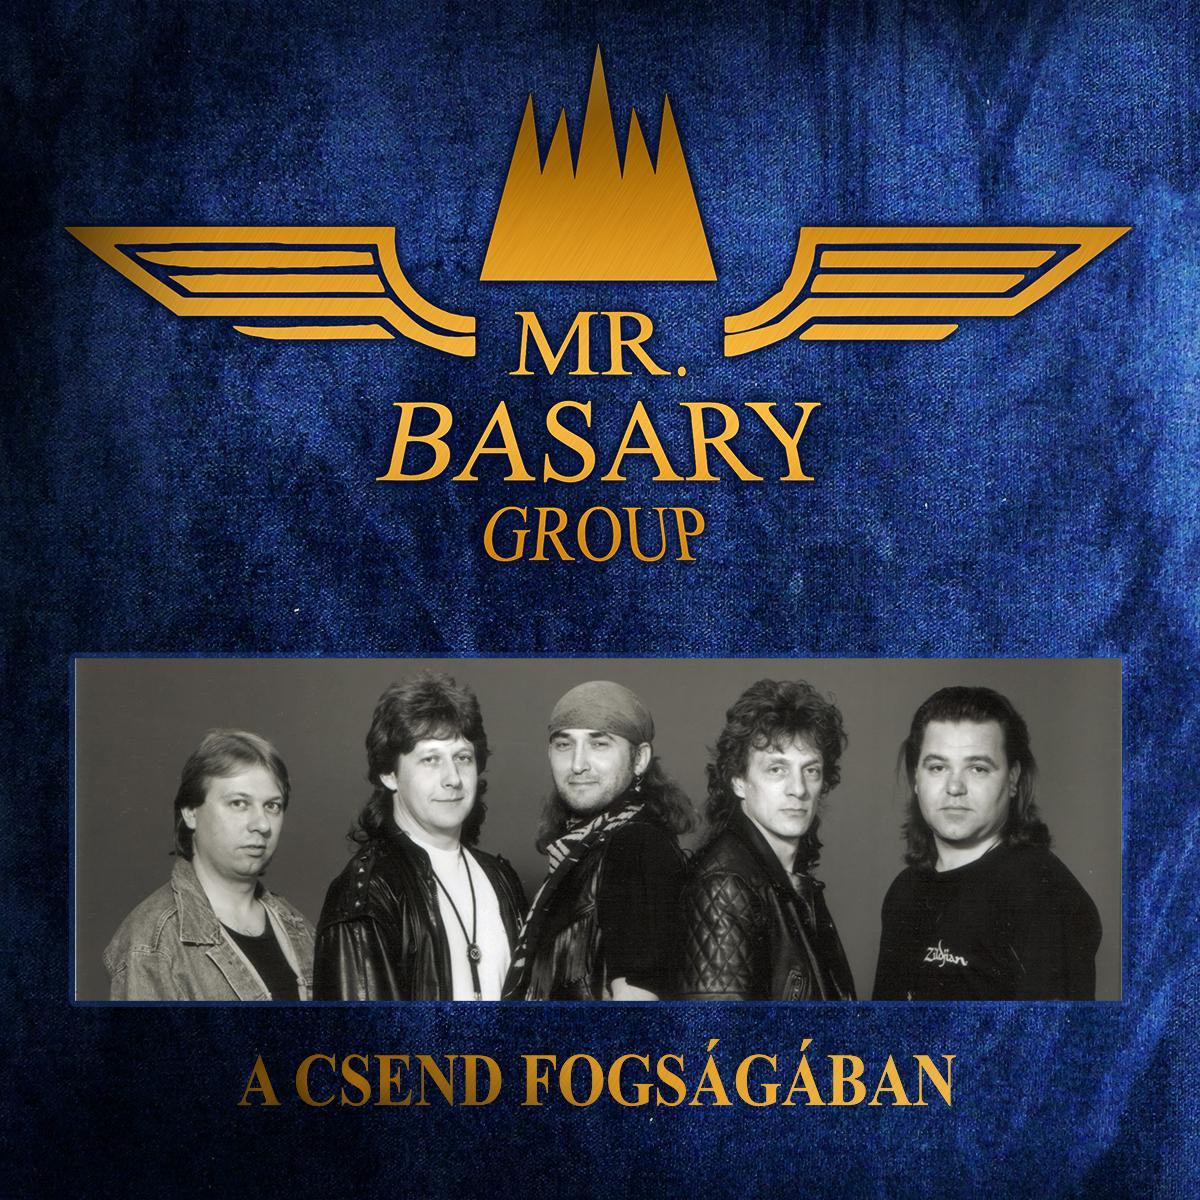 - A CSEND FOGSÁGÁBAN - MR. BASARY GROUP - CD -